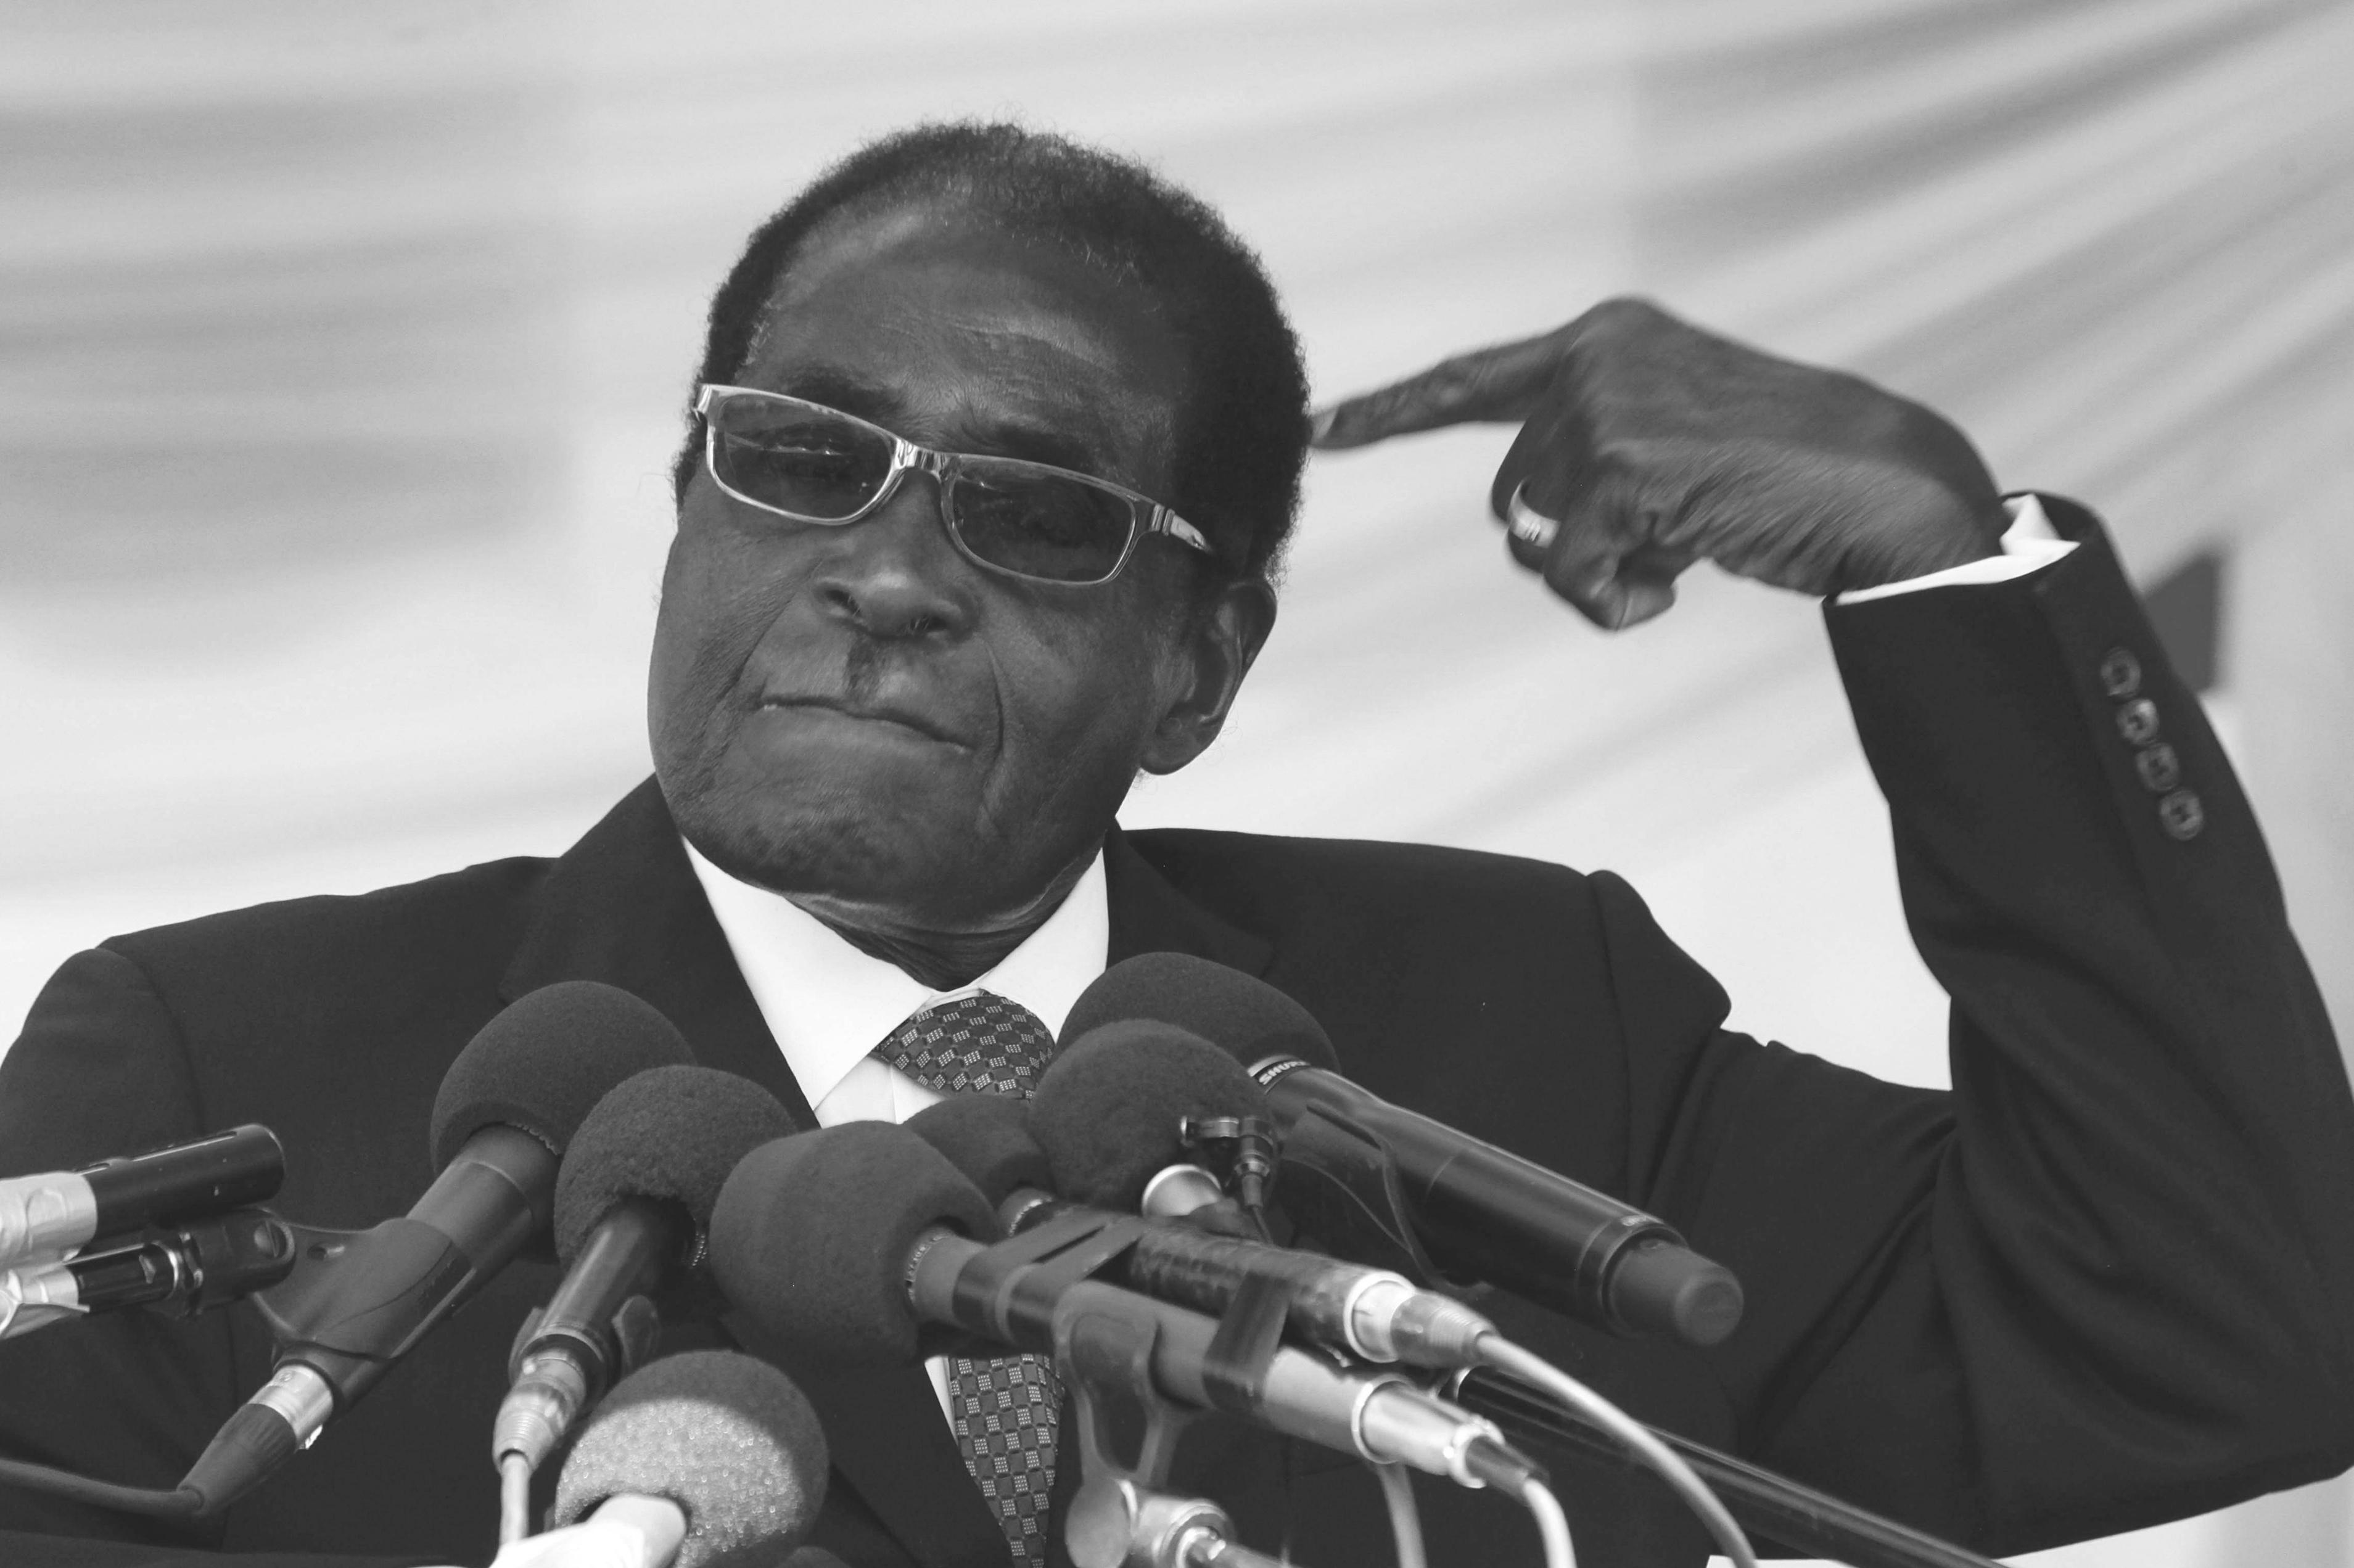 151023_ZIM_Robert_Mugabe_BW_6x9